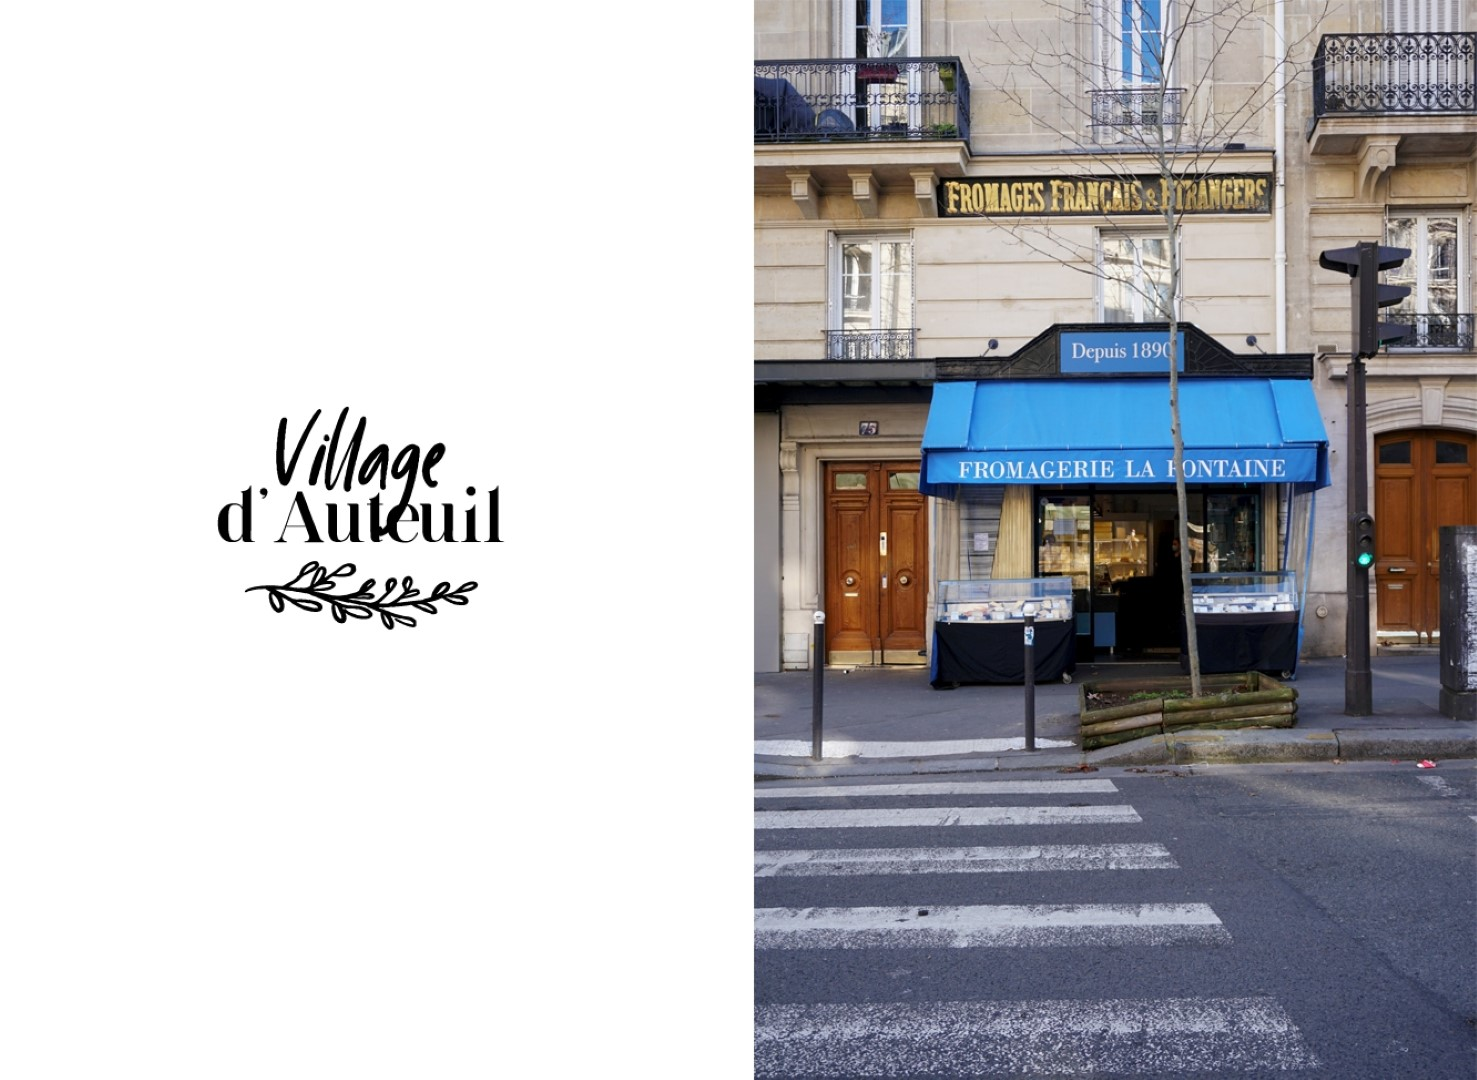 Balade dans le 16e, voies privées et art nouveau - Village d'Auteuil